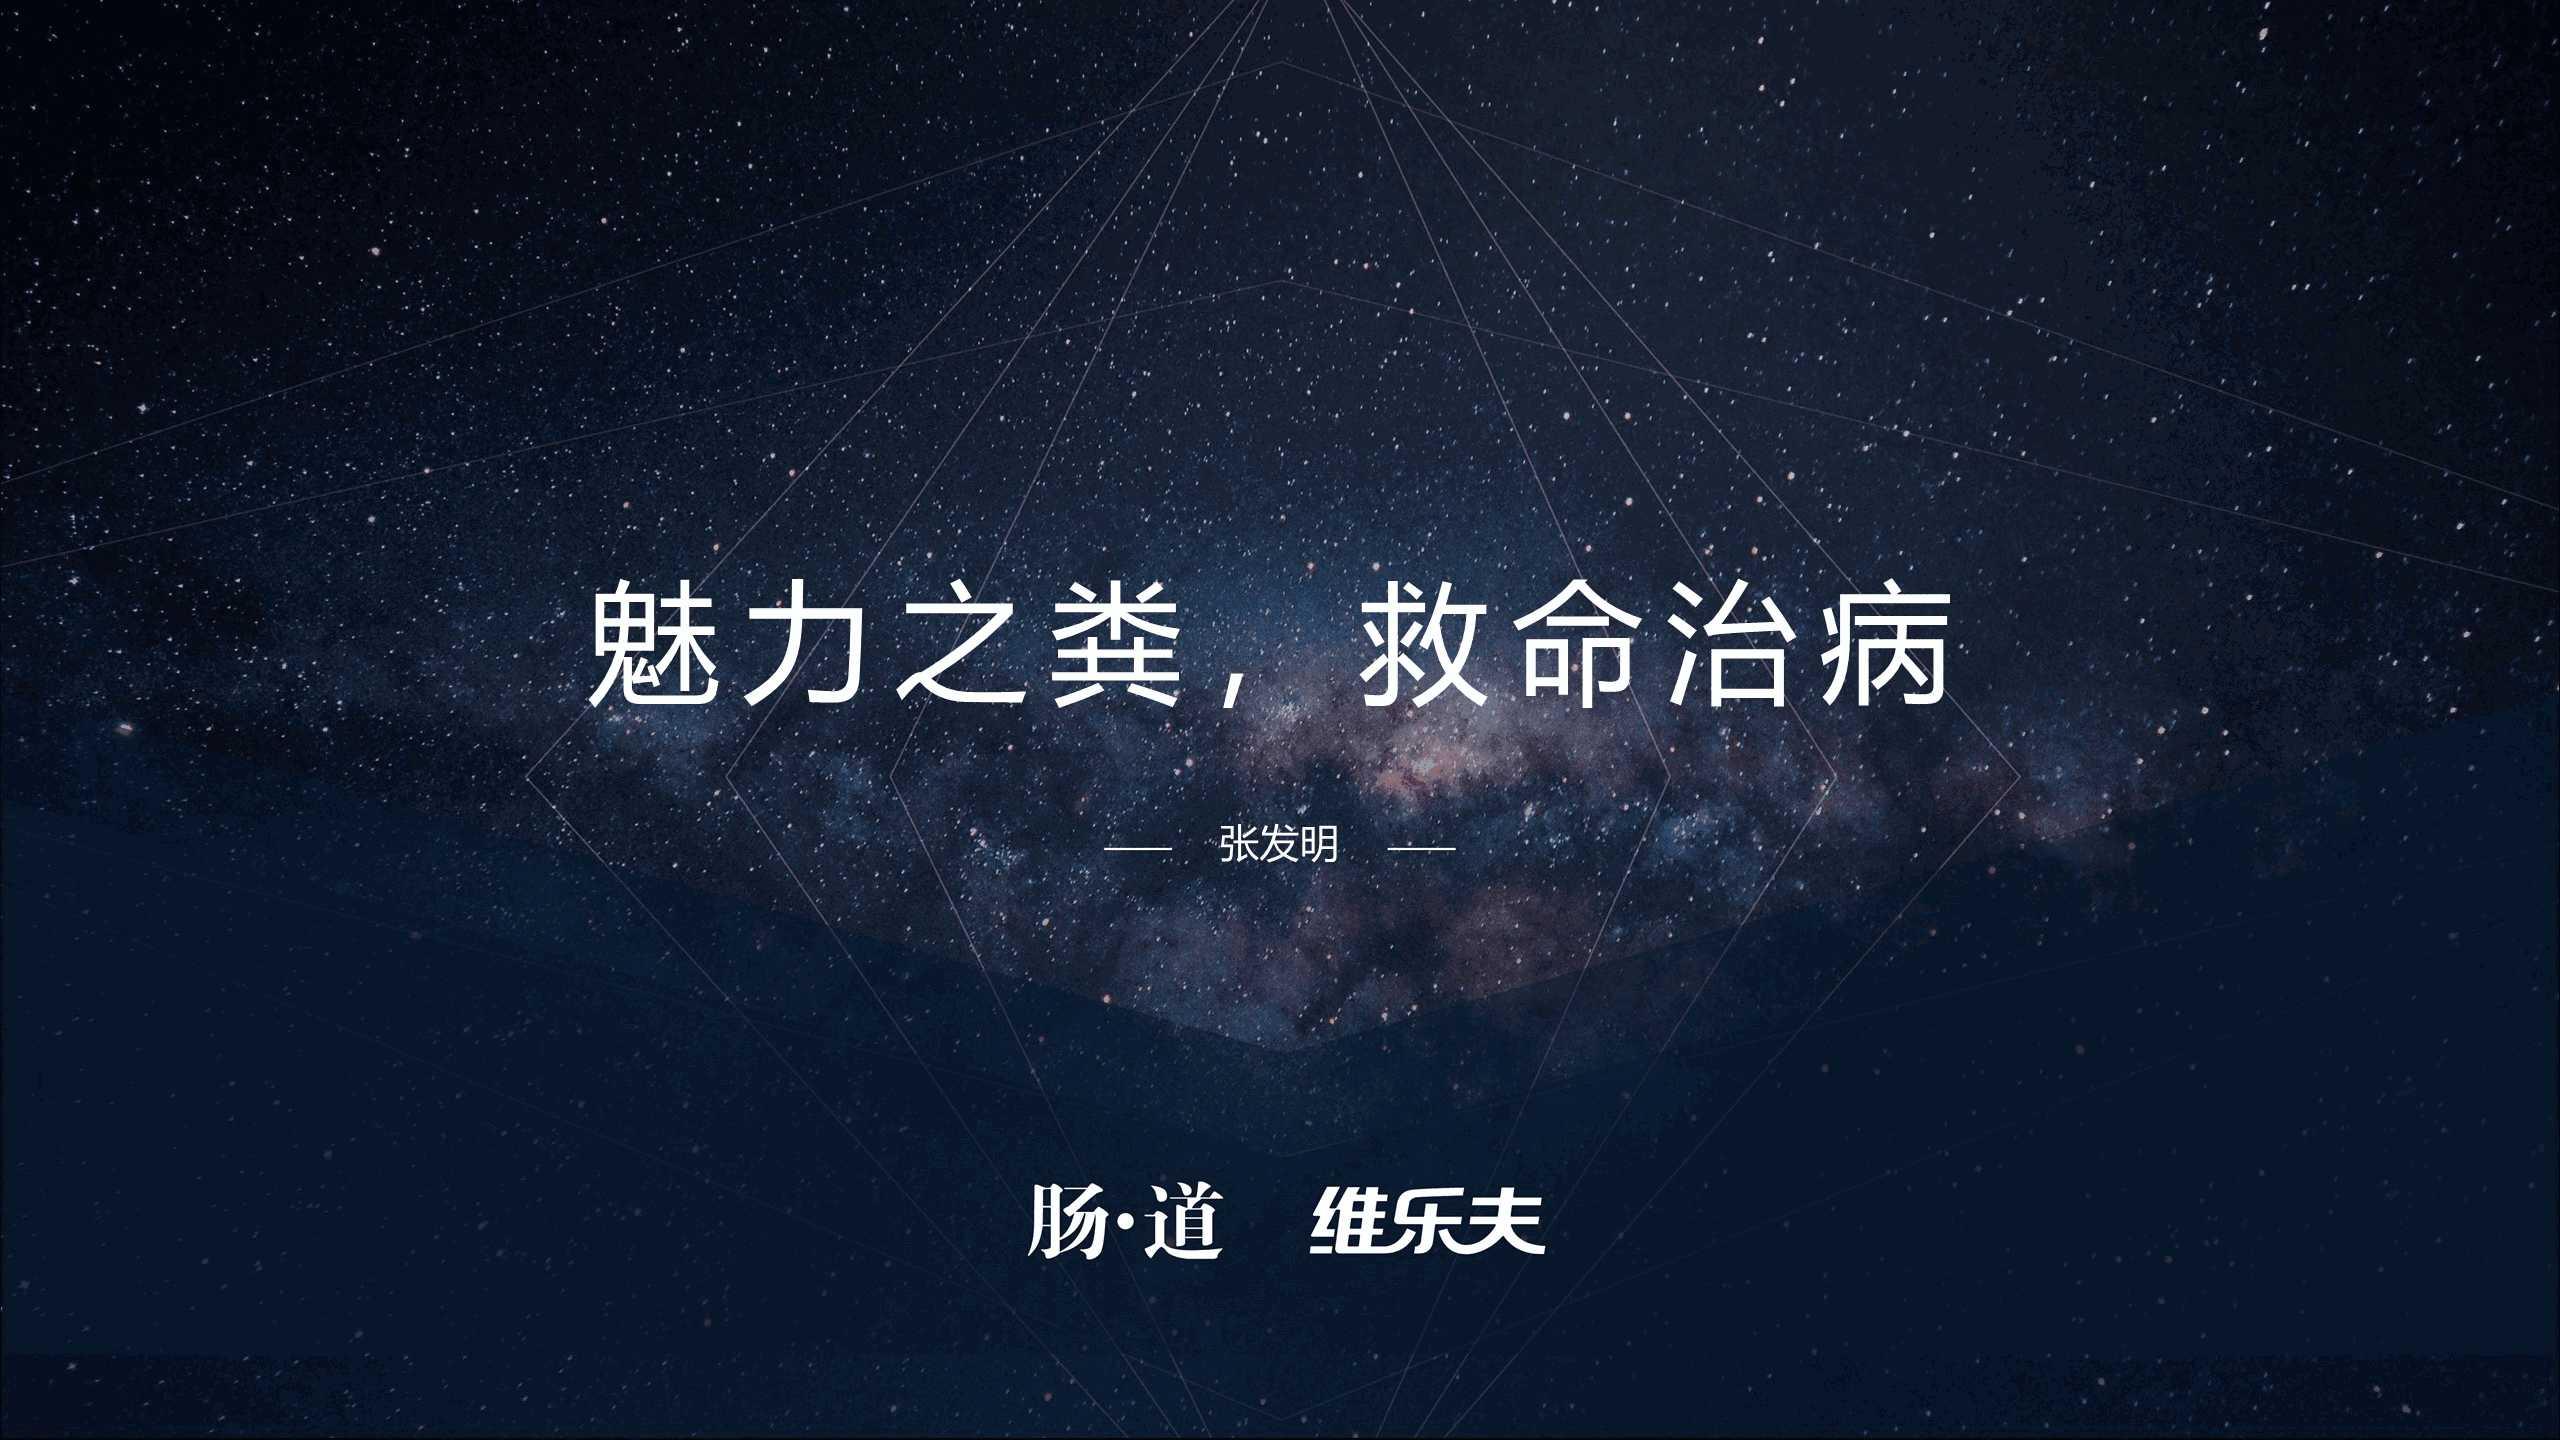 幻灯片1_ys.JPG